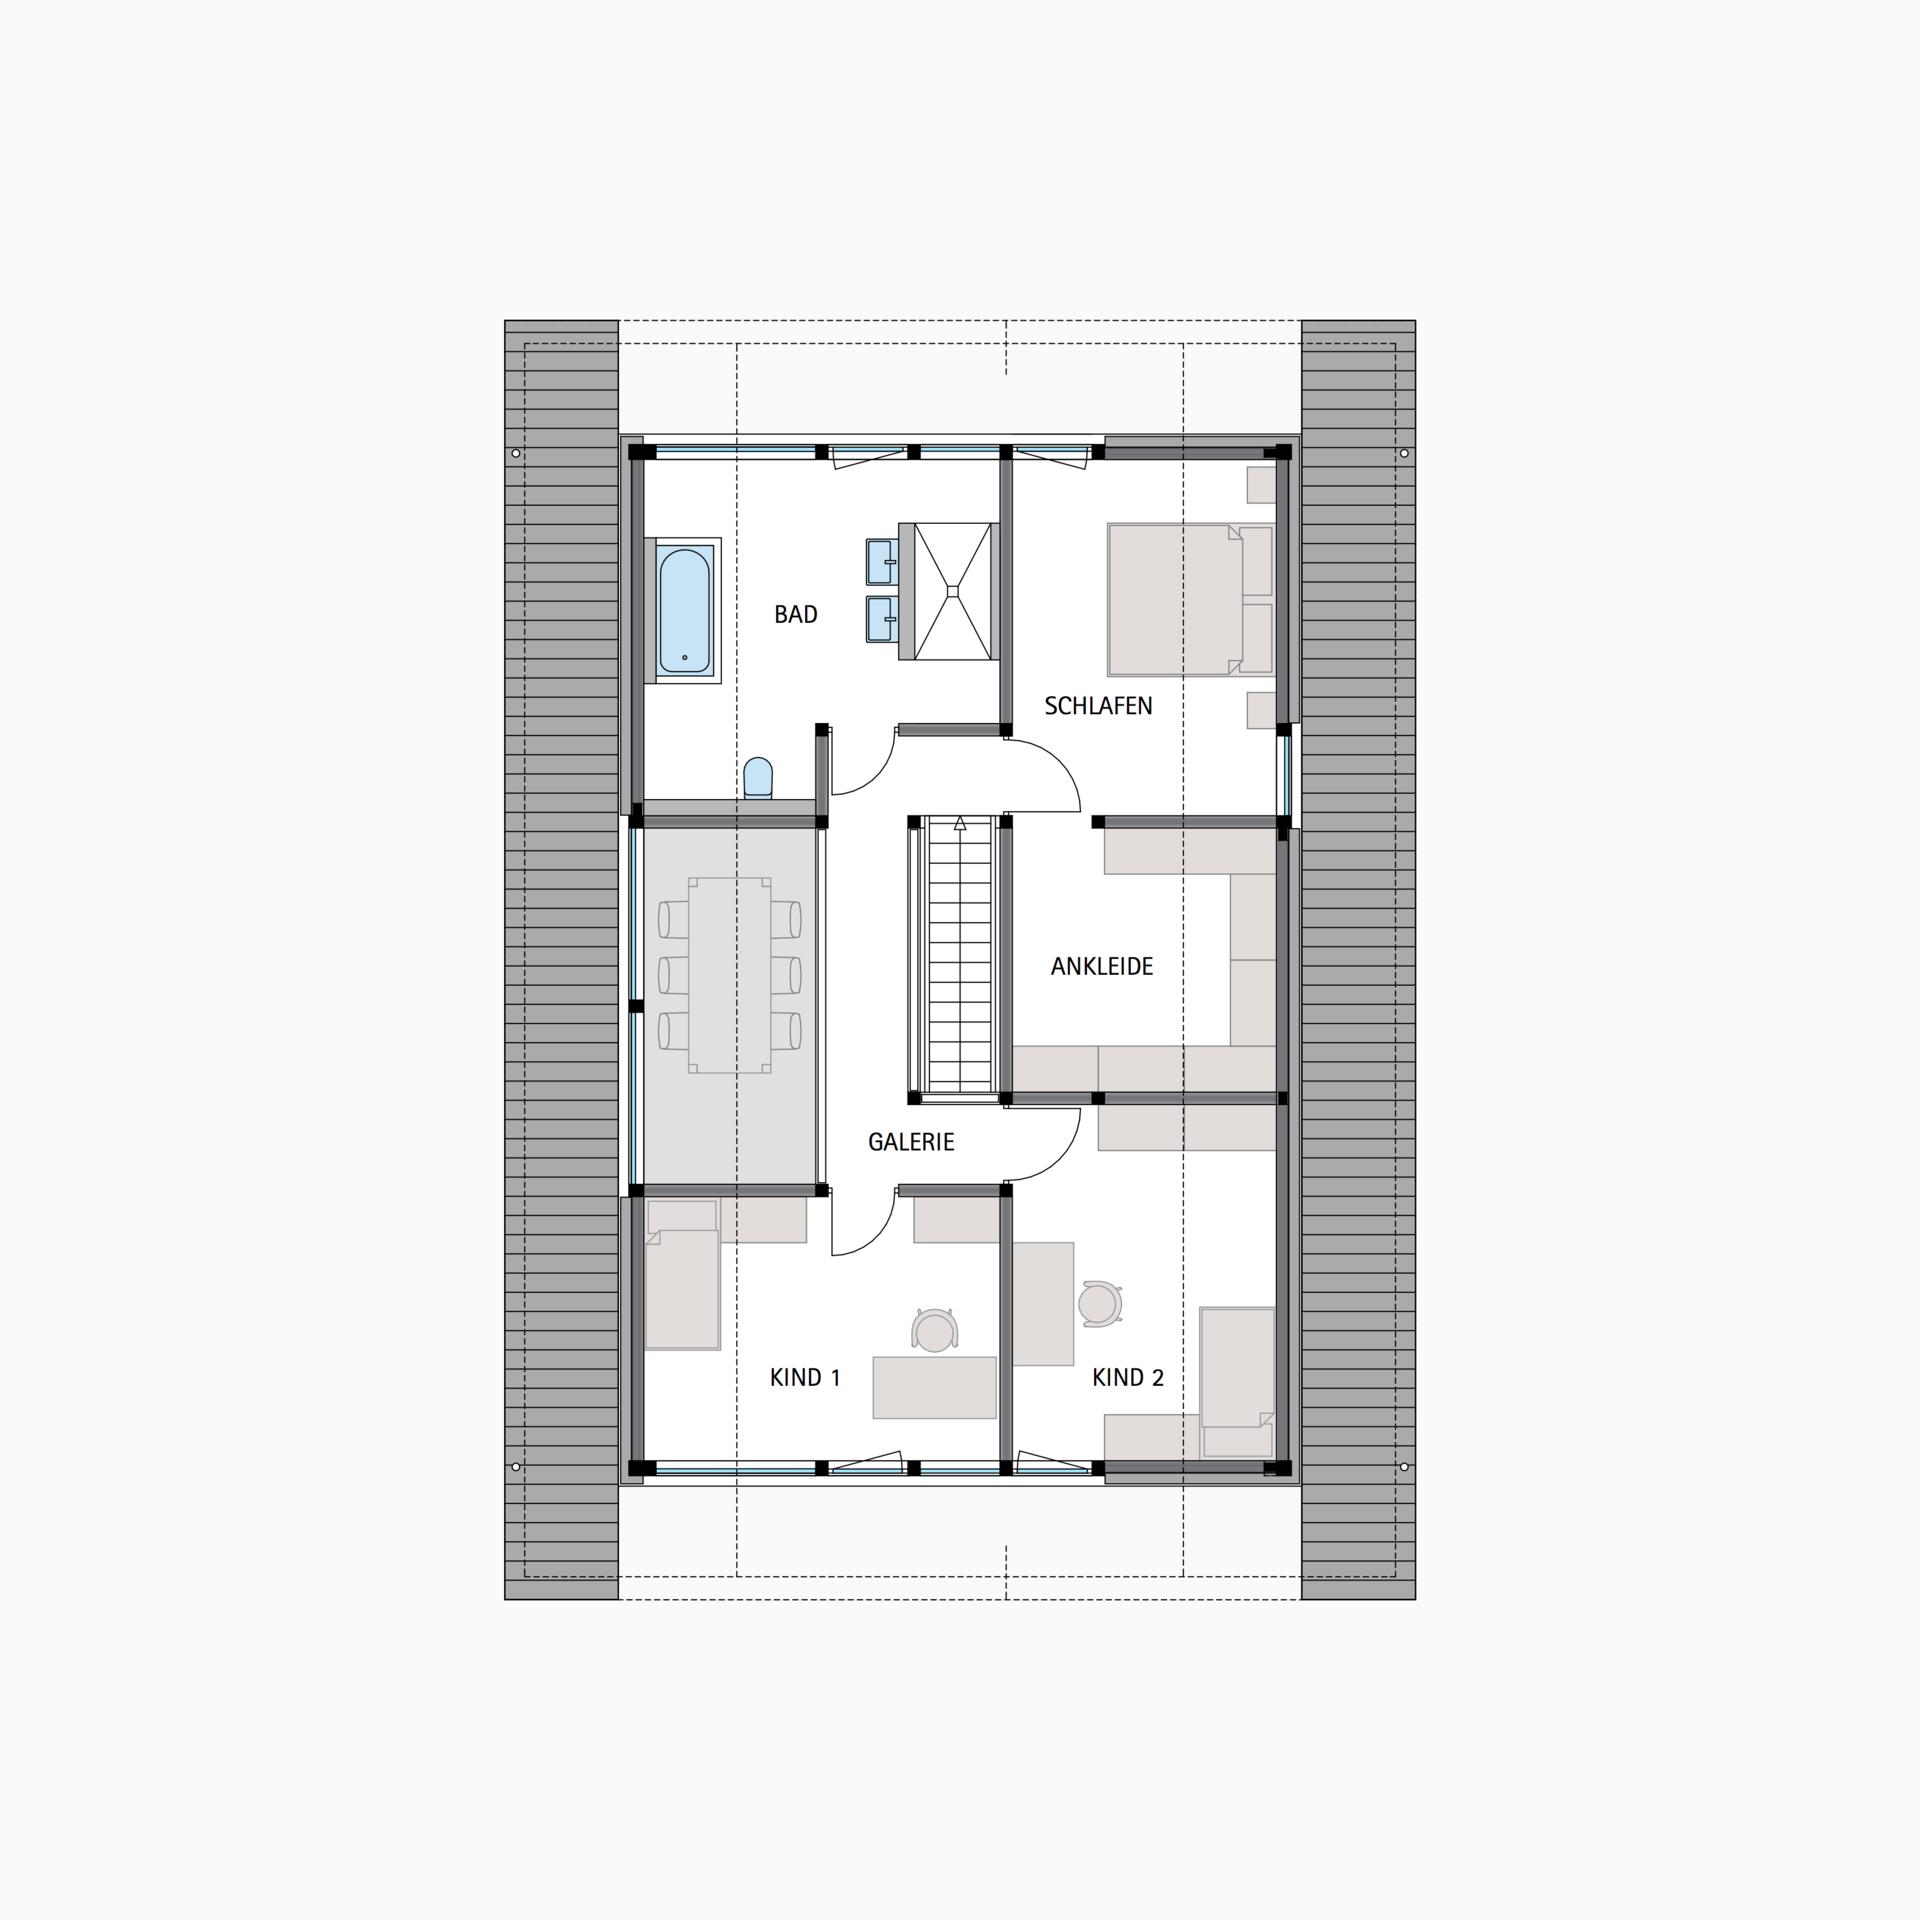 HUF Fachwerkhaus Grundriss Dachgeschoss MODUM 711 Haus